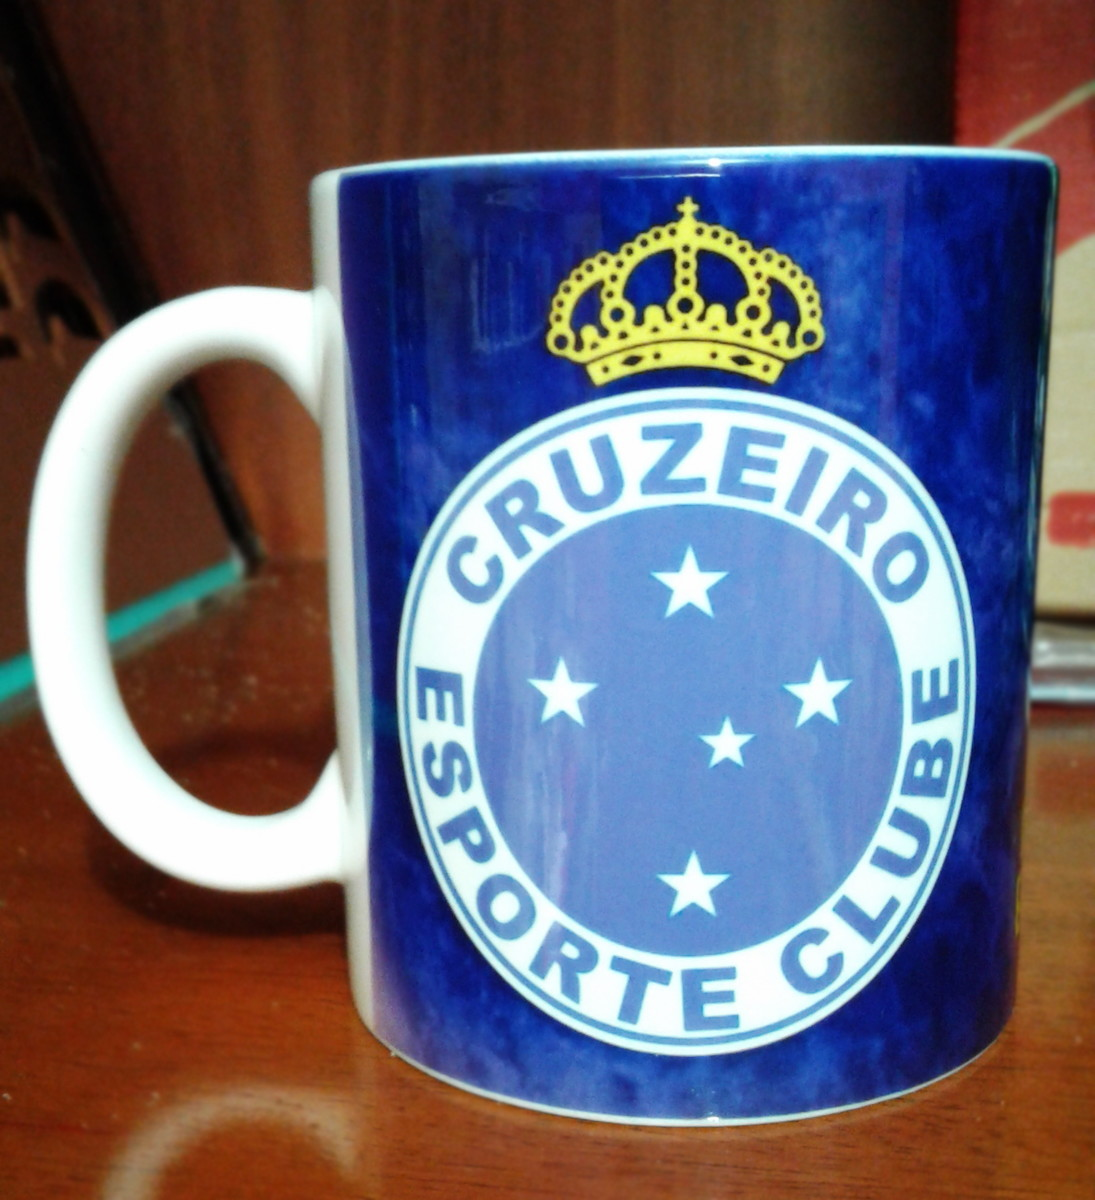 Caneca Cruzeiro Esporte Clube com nome Raposa no Elo7  978635661714e